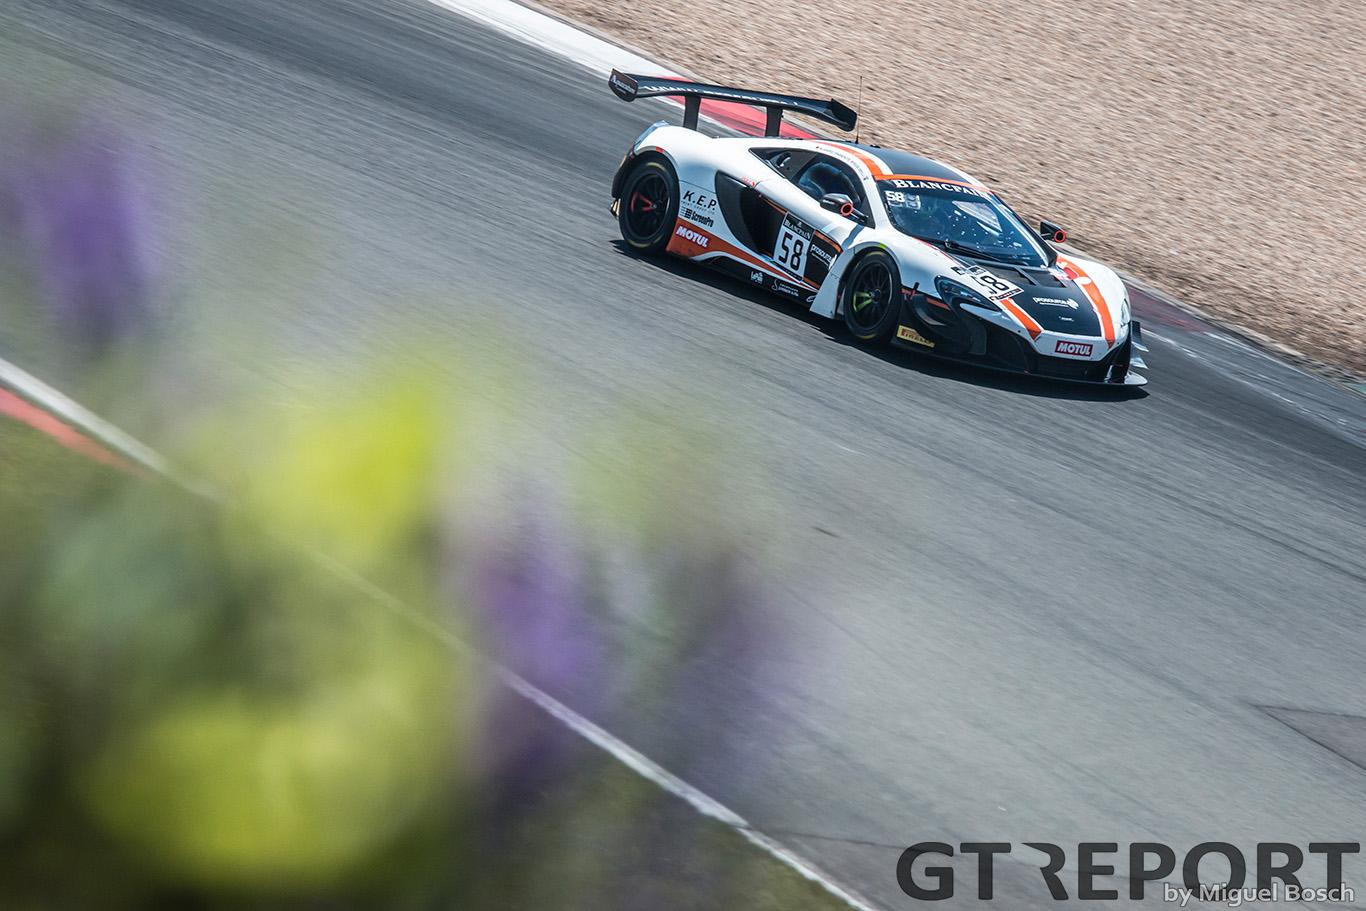 Blancpain GT Nürburgring: A tale of two teams